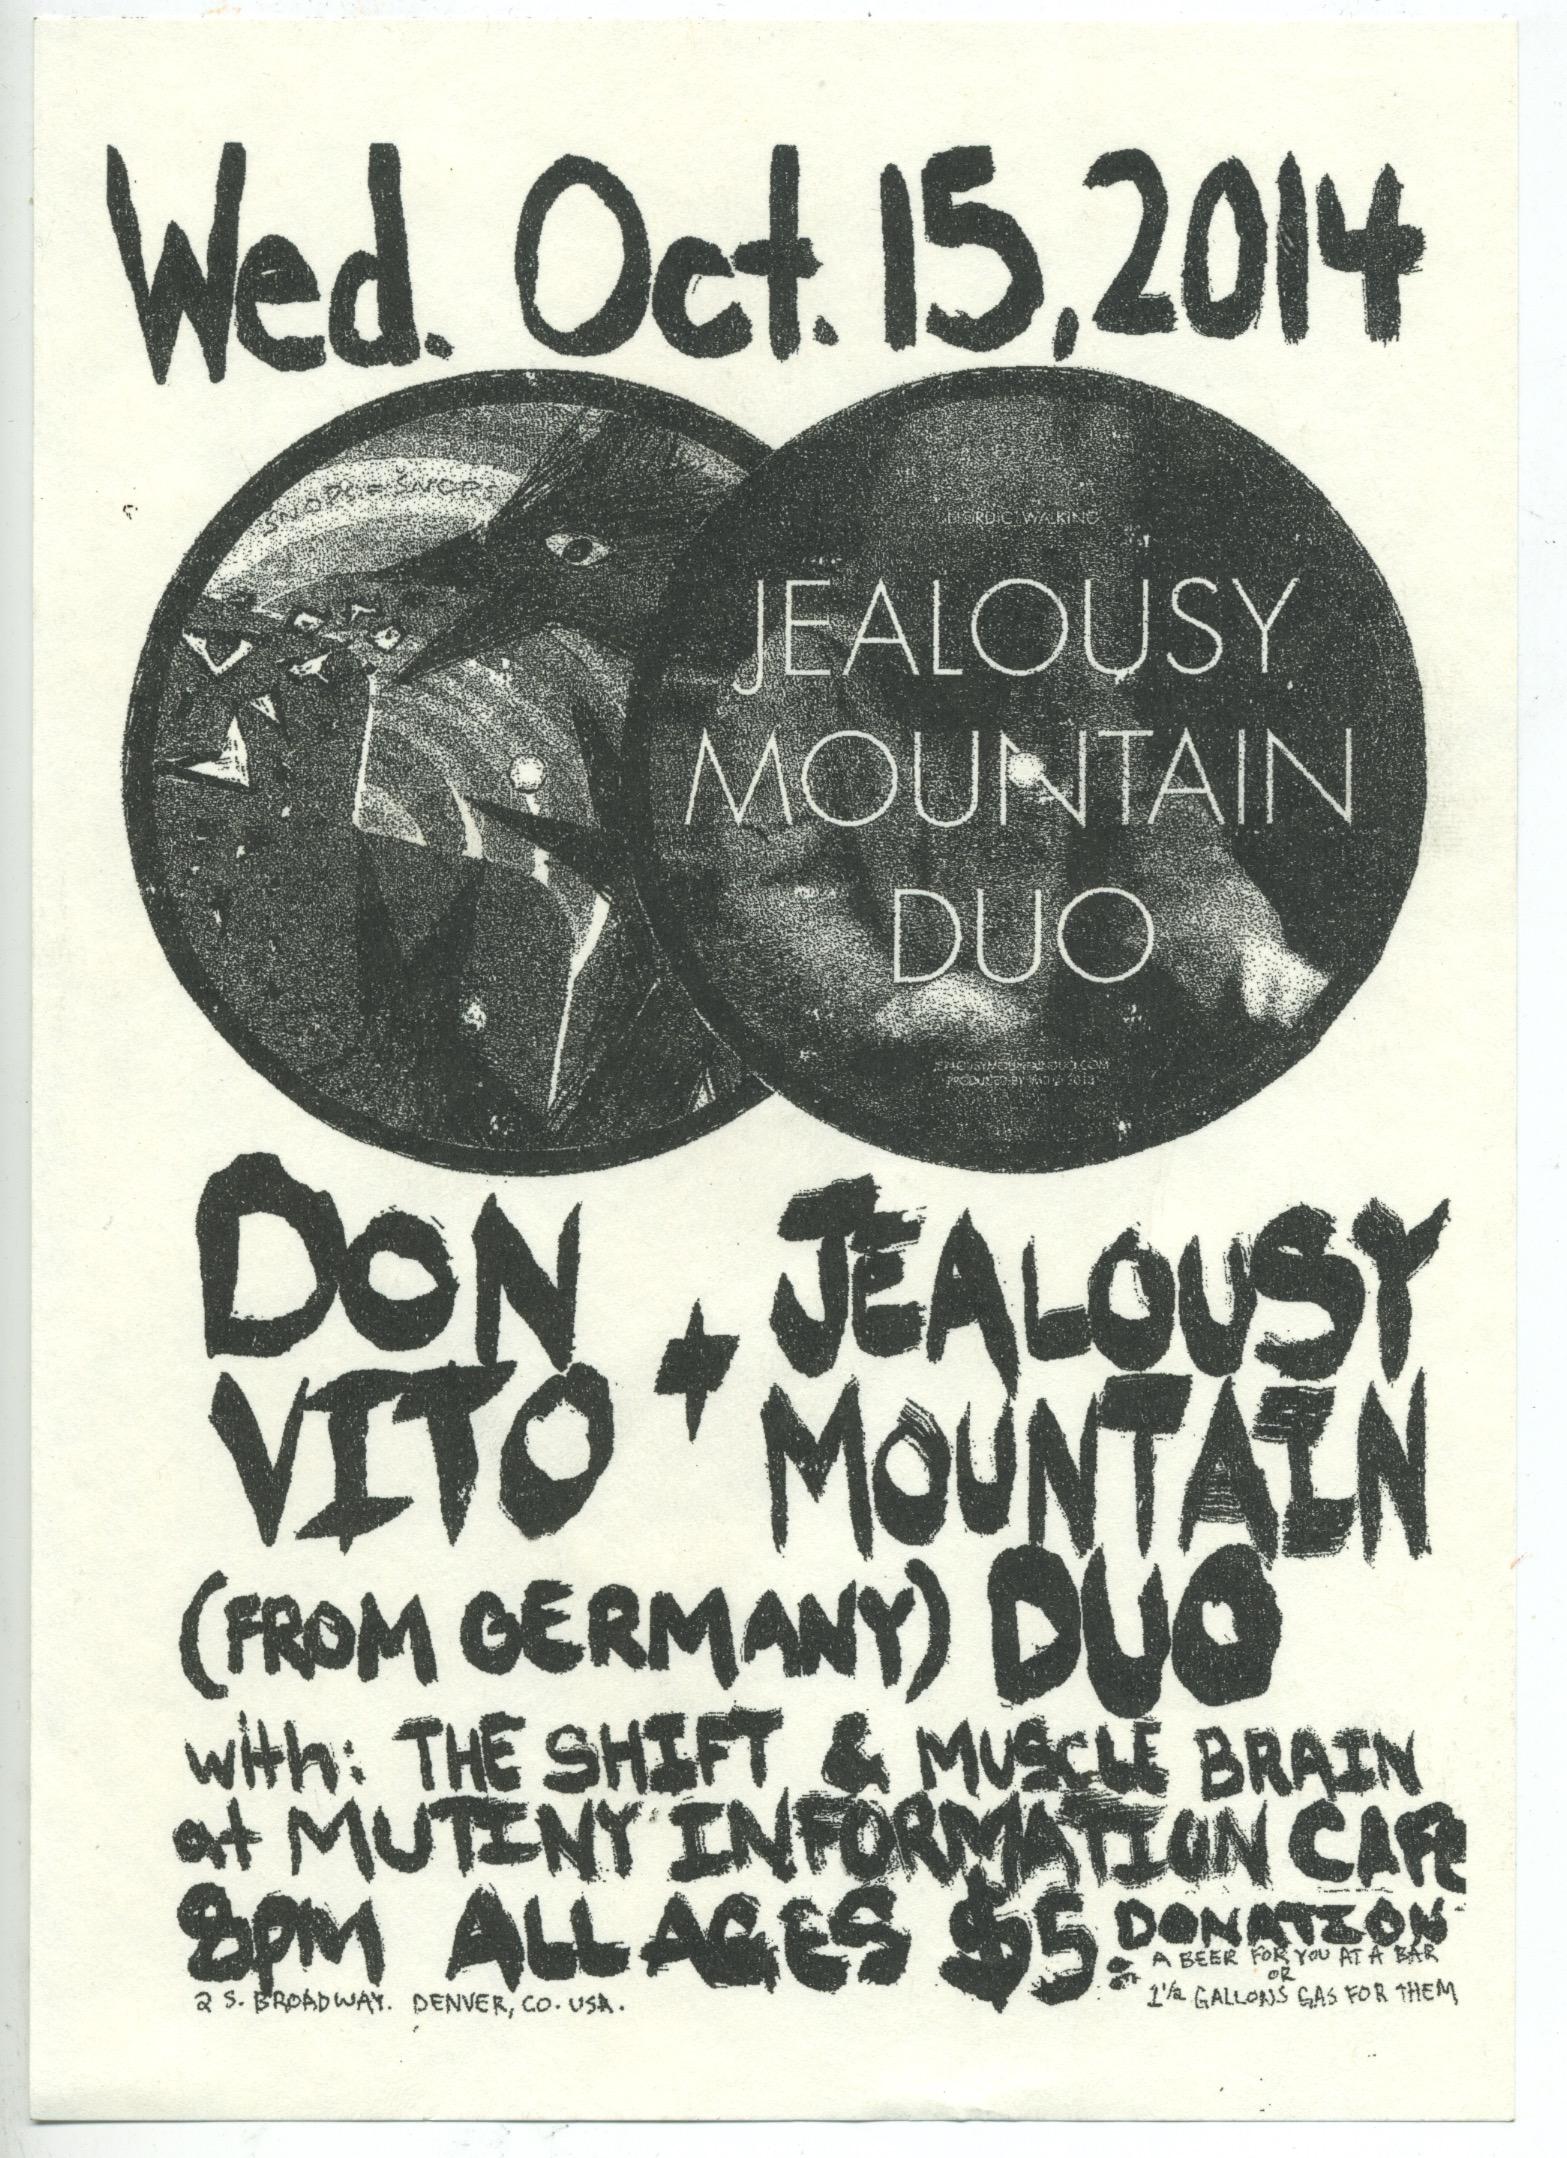 Jealousy Mountain Duo Flier.jpeg